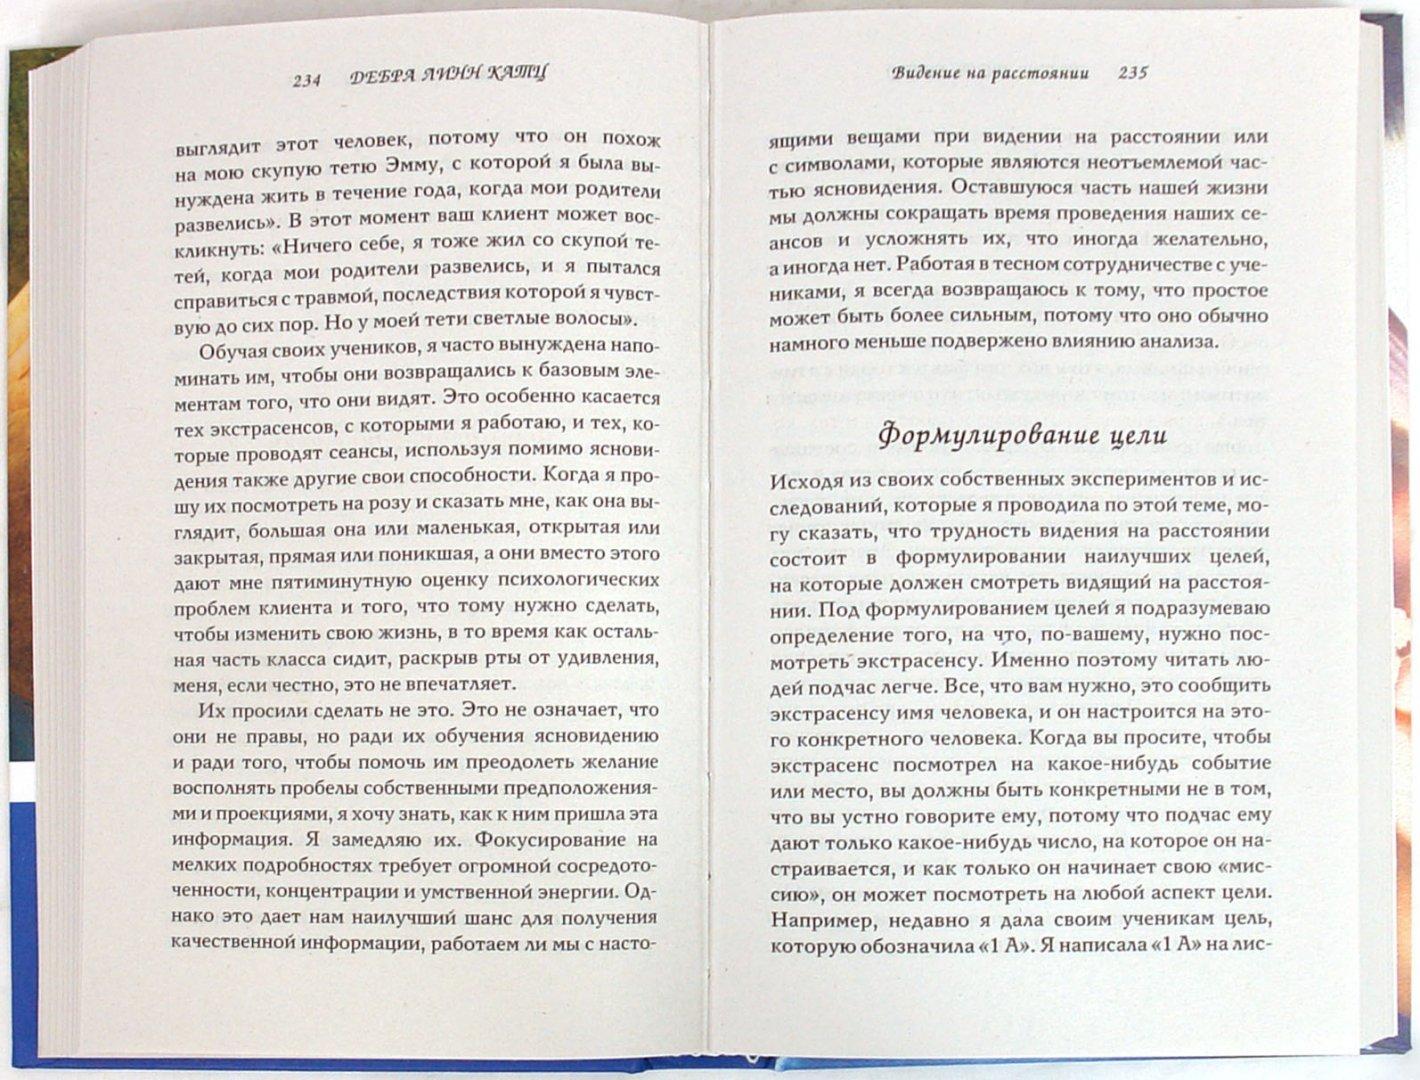 Иллюстрация 1 из 2 для Суперэкстрасенс. Управление вашими врожденными экстрасенсорными способностями - Дебора Катц | Лабиринт - книги. Источник: Лабиринт